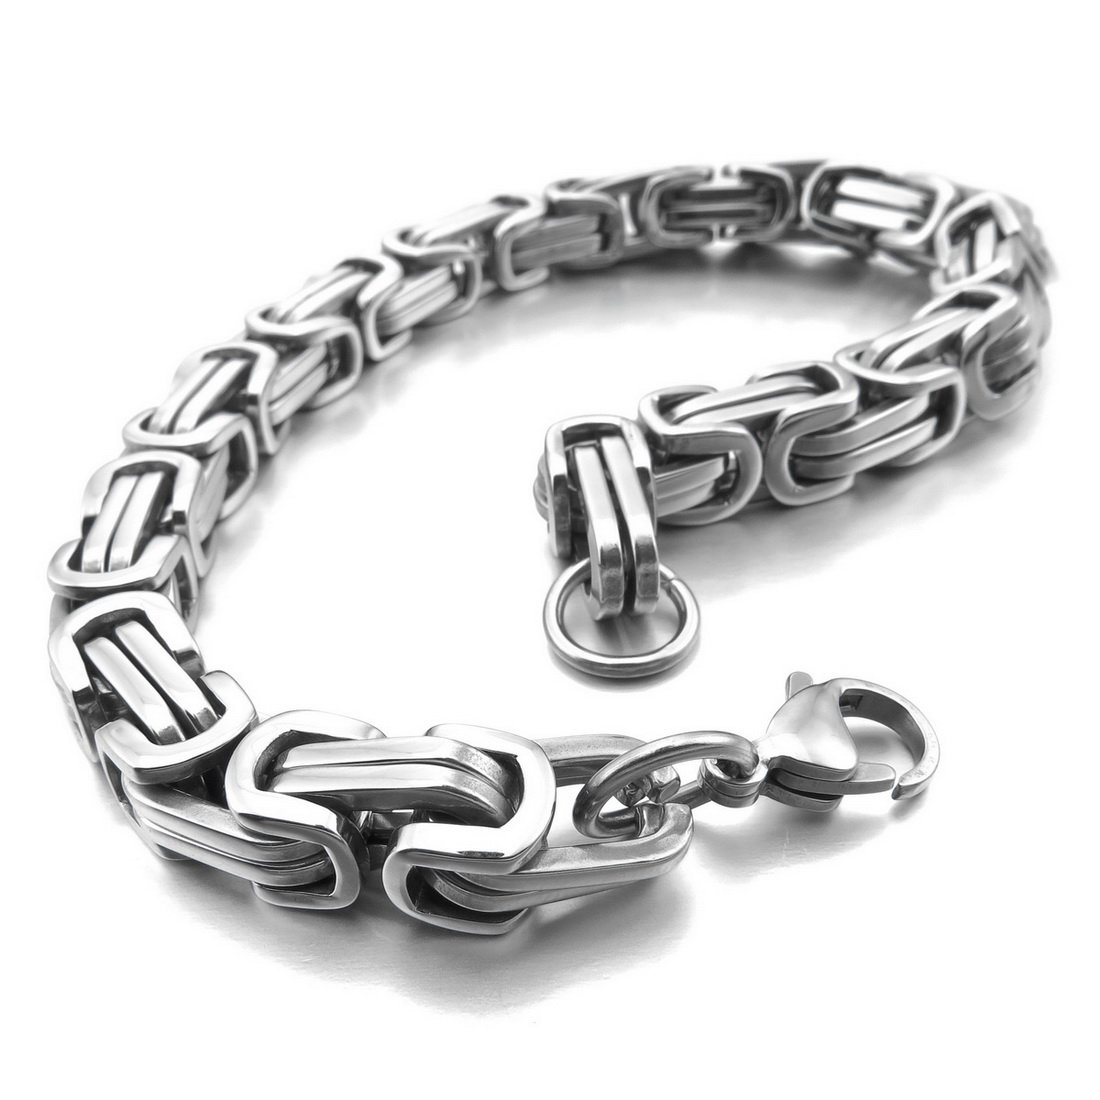 INBLUE Men's 8mm Stainless Steel Bracelet Wrist Link Silver Tone Byzantine 8 8.5 9 INBLUE Jewelry mnc616-8